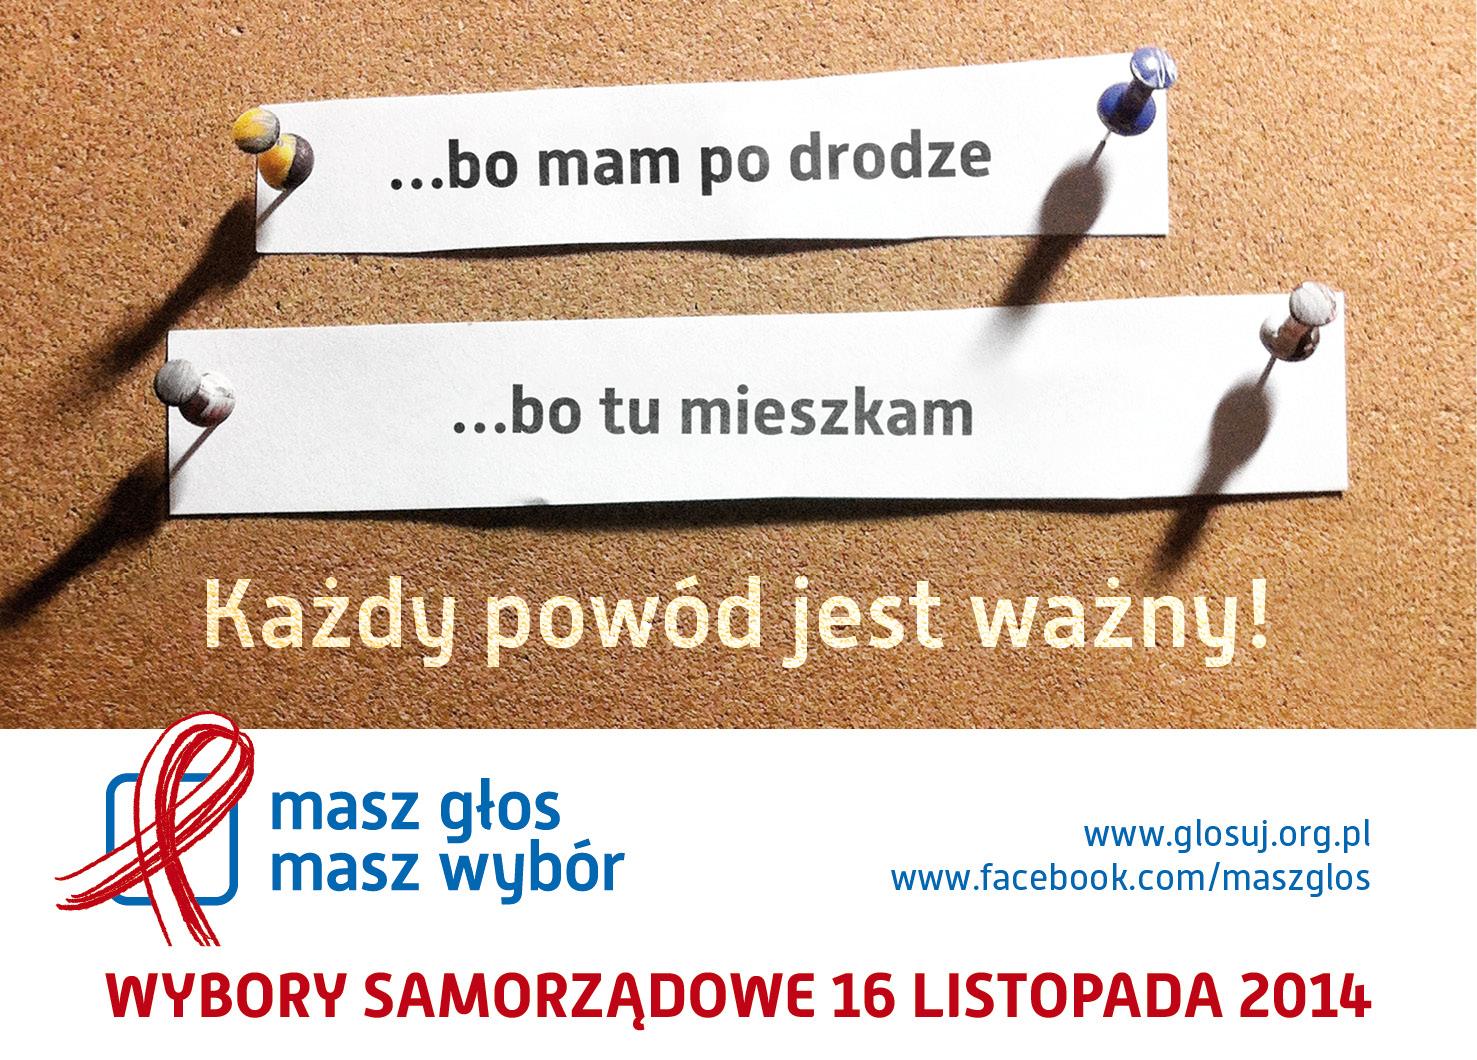 G:\MaszGlos\2014\Koalicja\Kampania samorządowa\Media\Bazy\Do domu